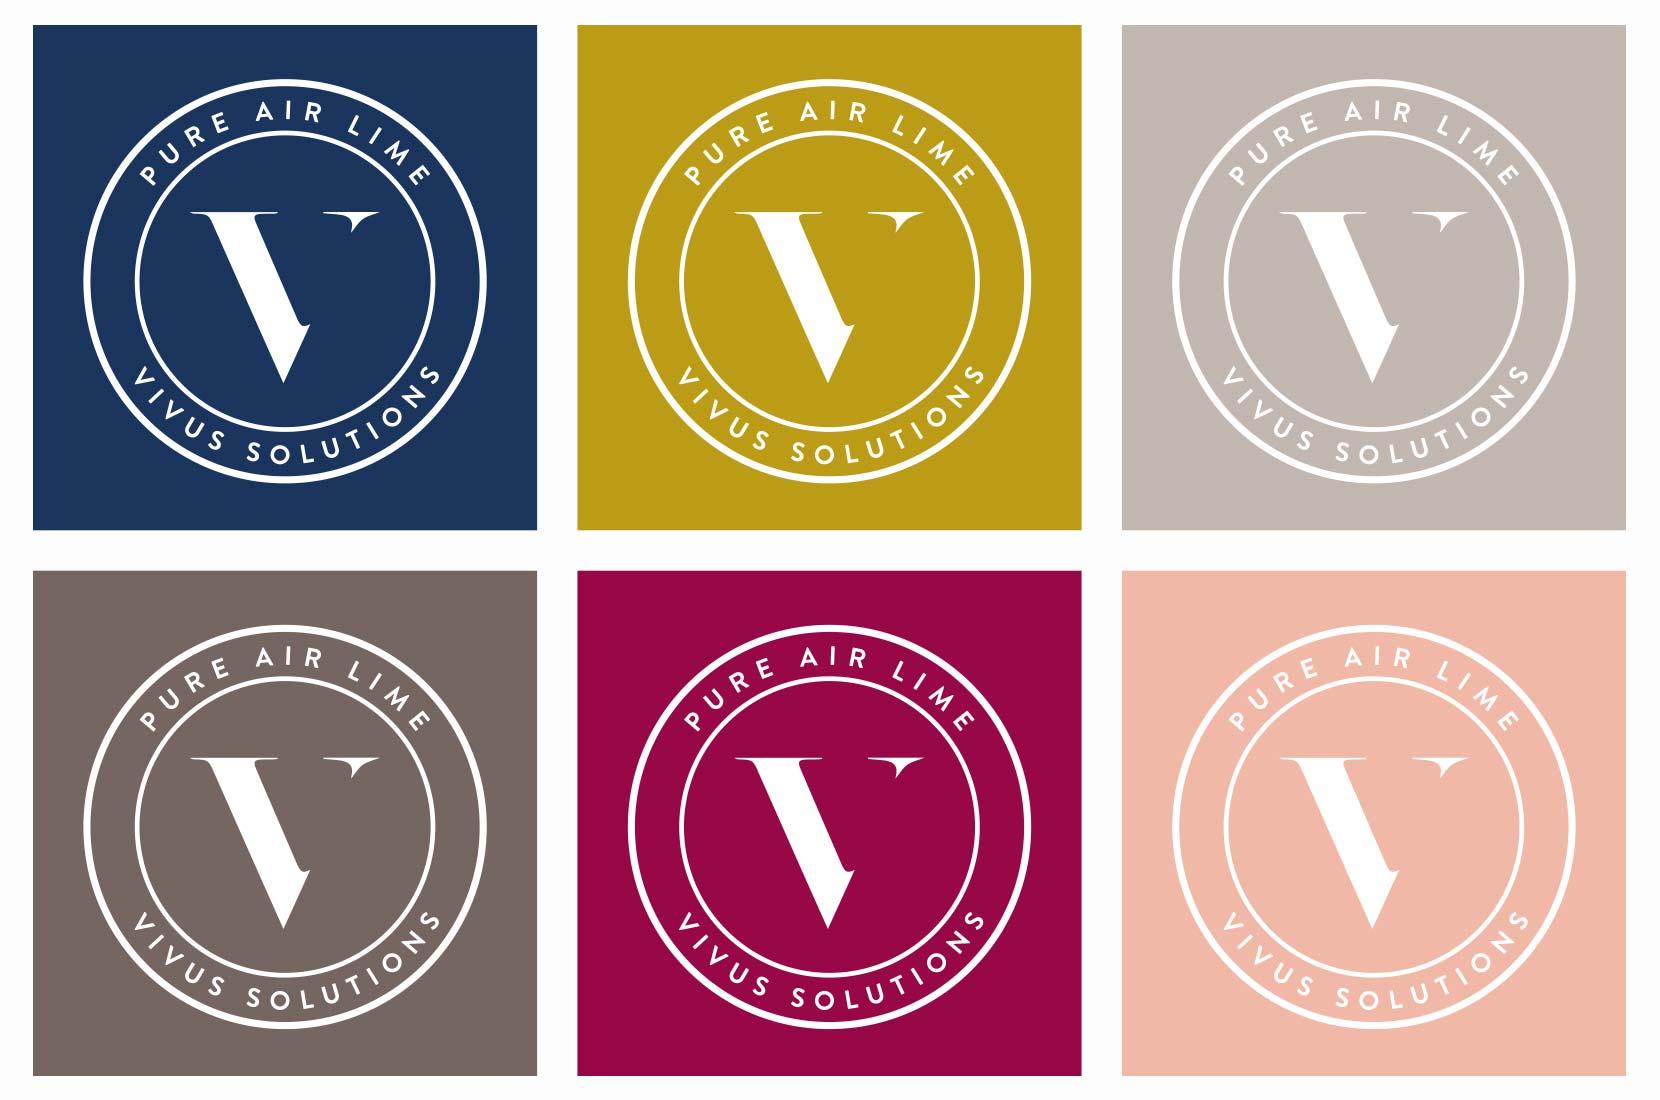 Vivus Solutions Colour Palette